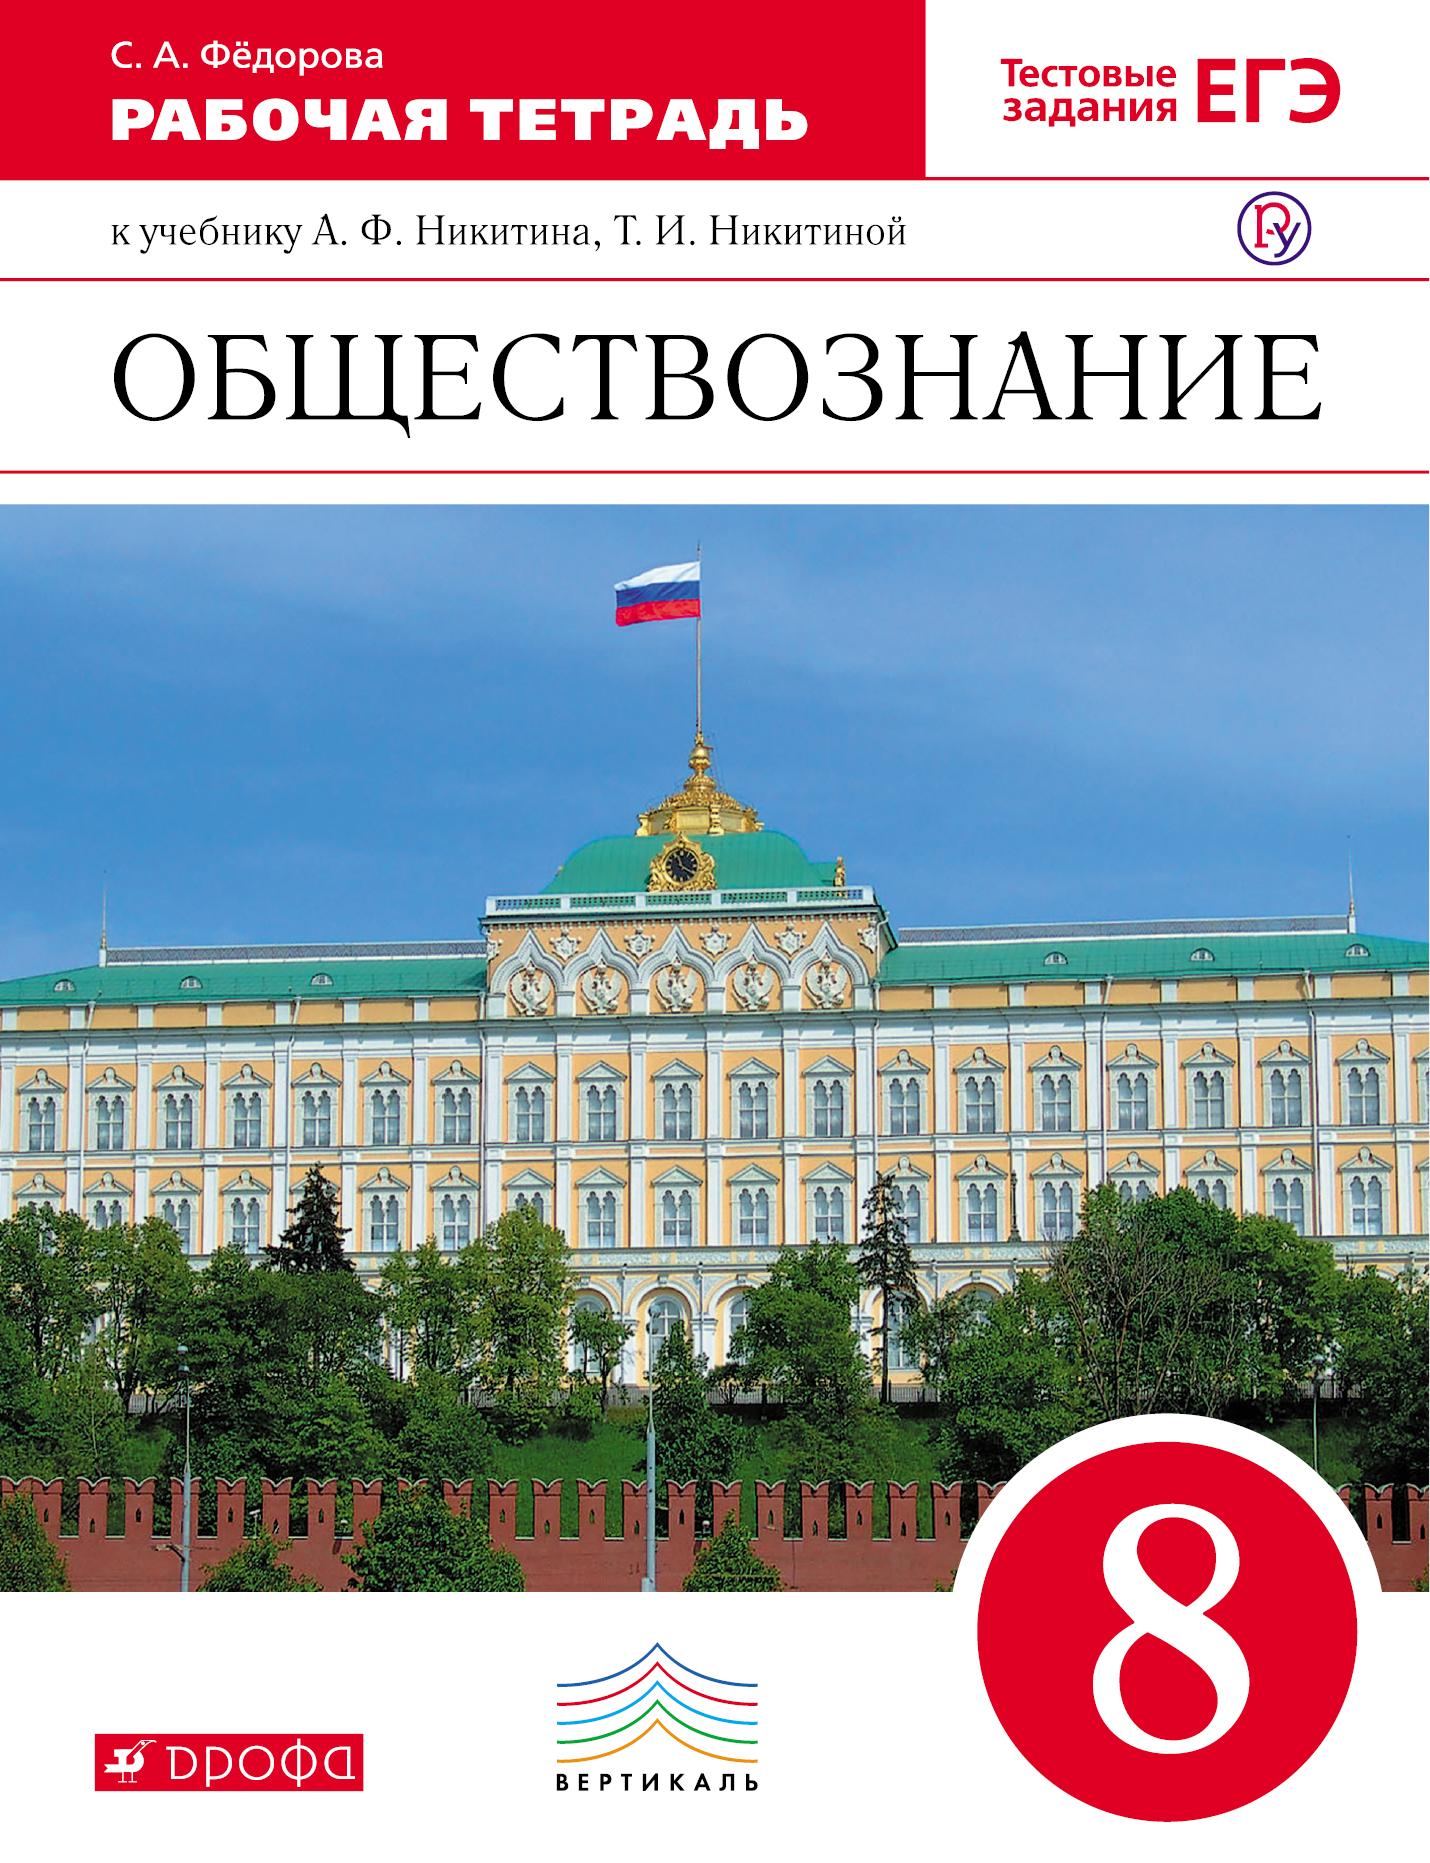 Обществознание. 8 класс. Рабочая тетрадь. от book24.ru